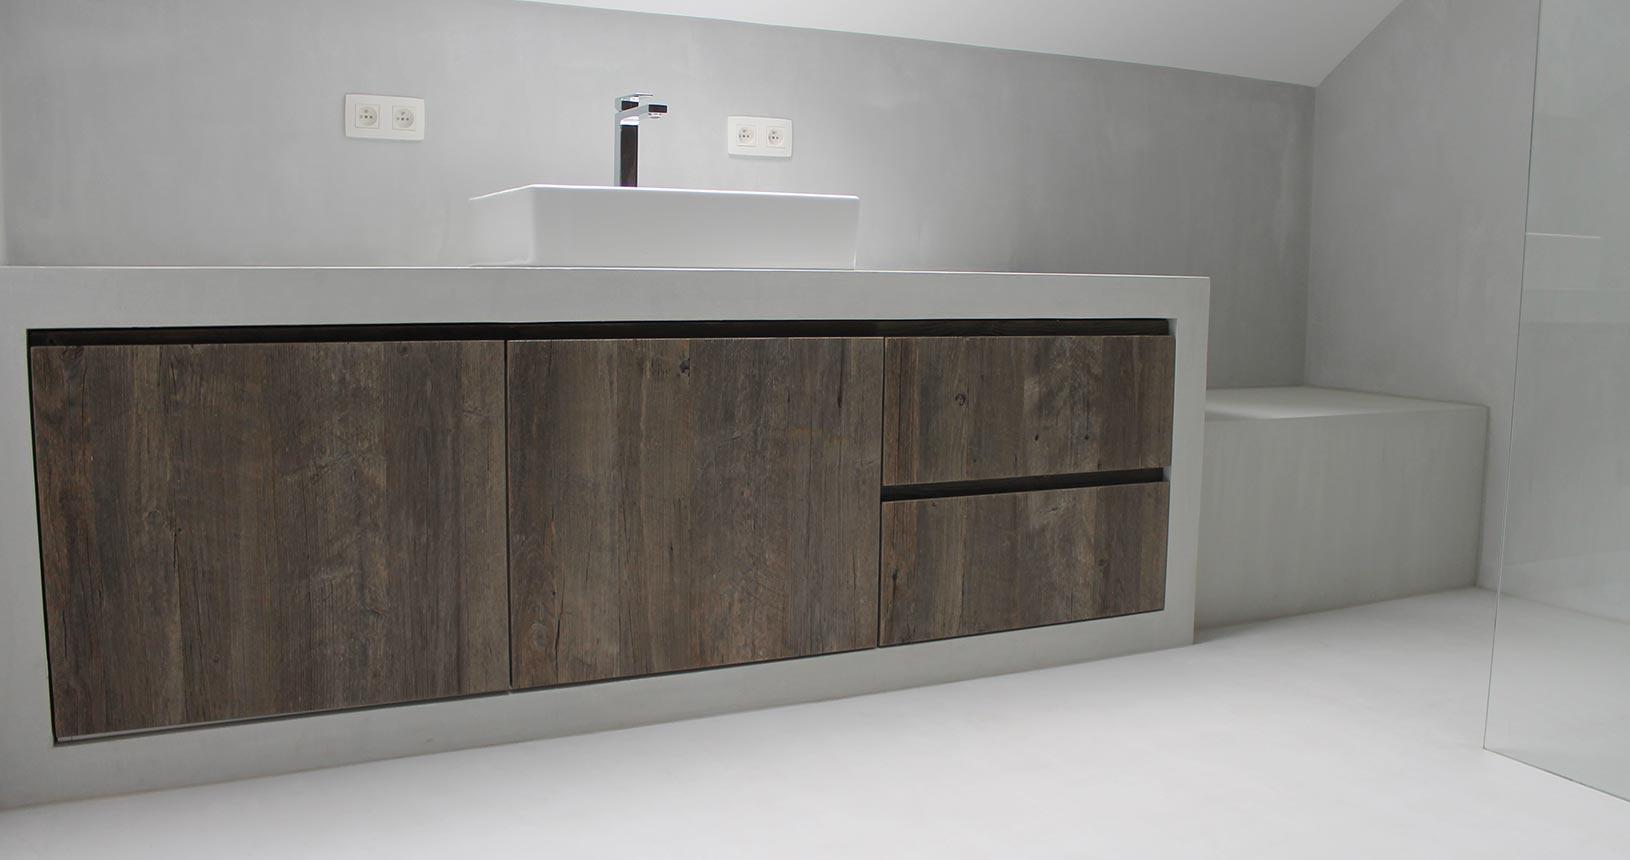 innenausbau m bel schreinerei dema. Black Bedroom Furniture Sets. Home Design Ideas